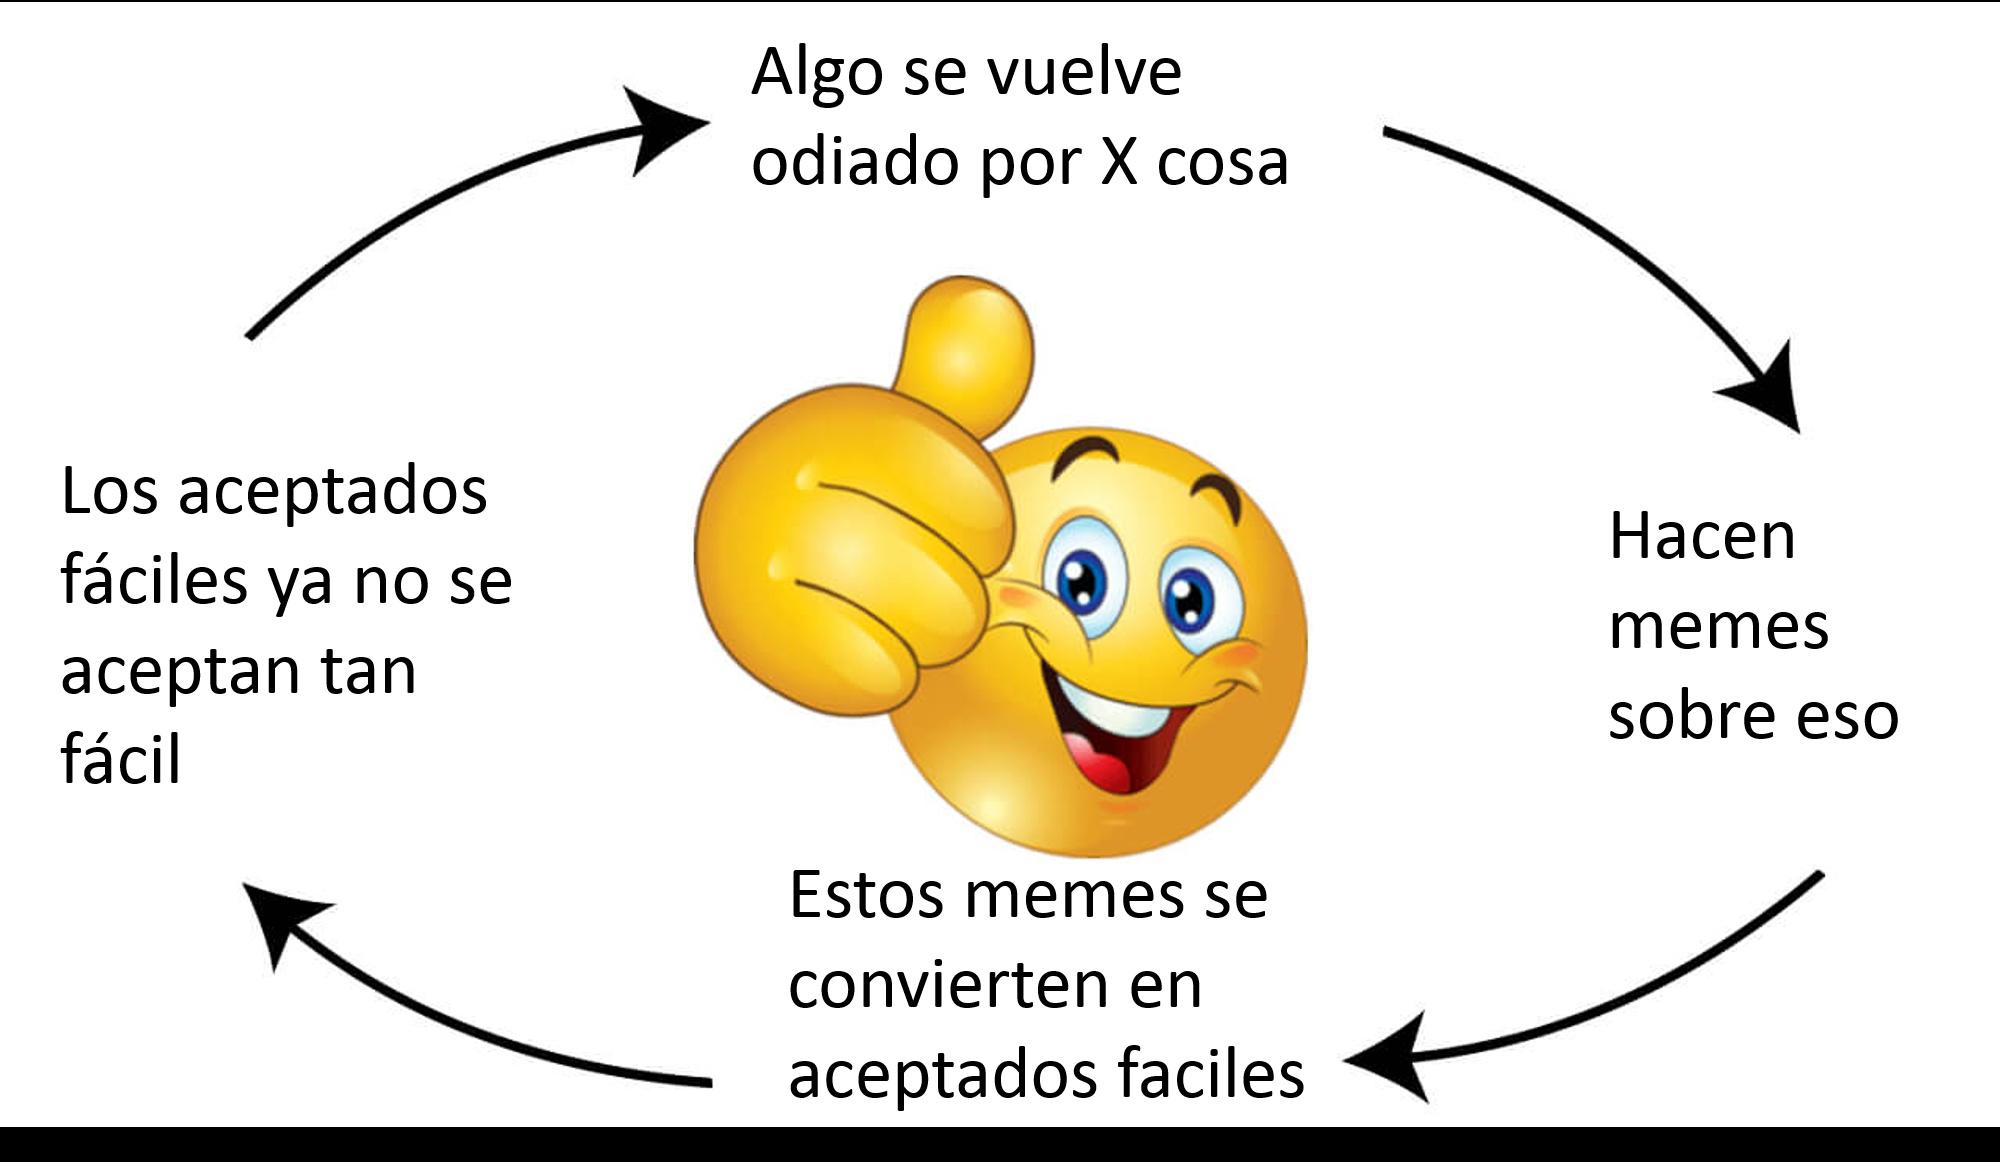 el ciclo de los aceptados faciles :cool: - meme